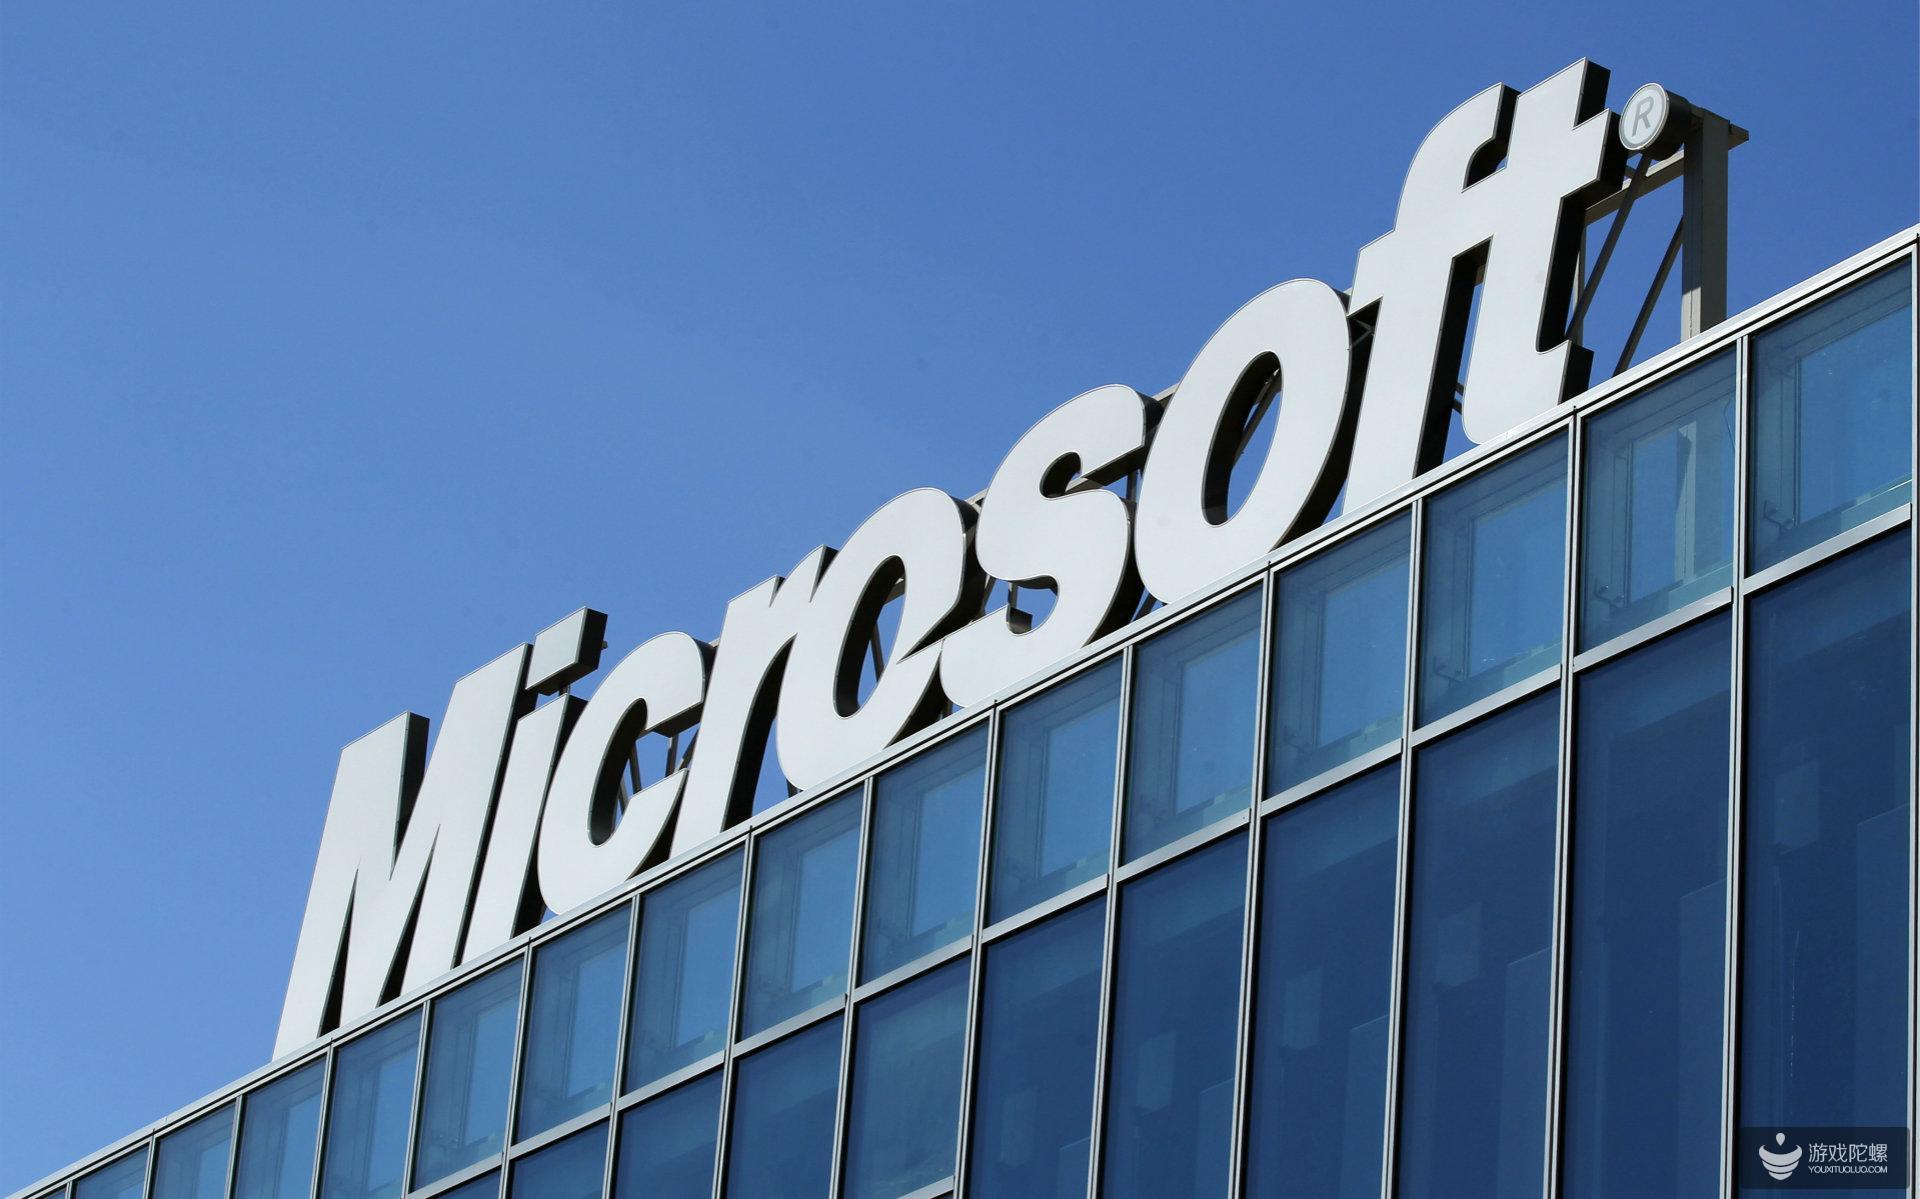 爆料称微软收购《帝国时代4》的开发商Relic工作室